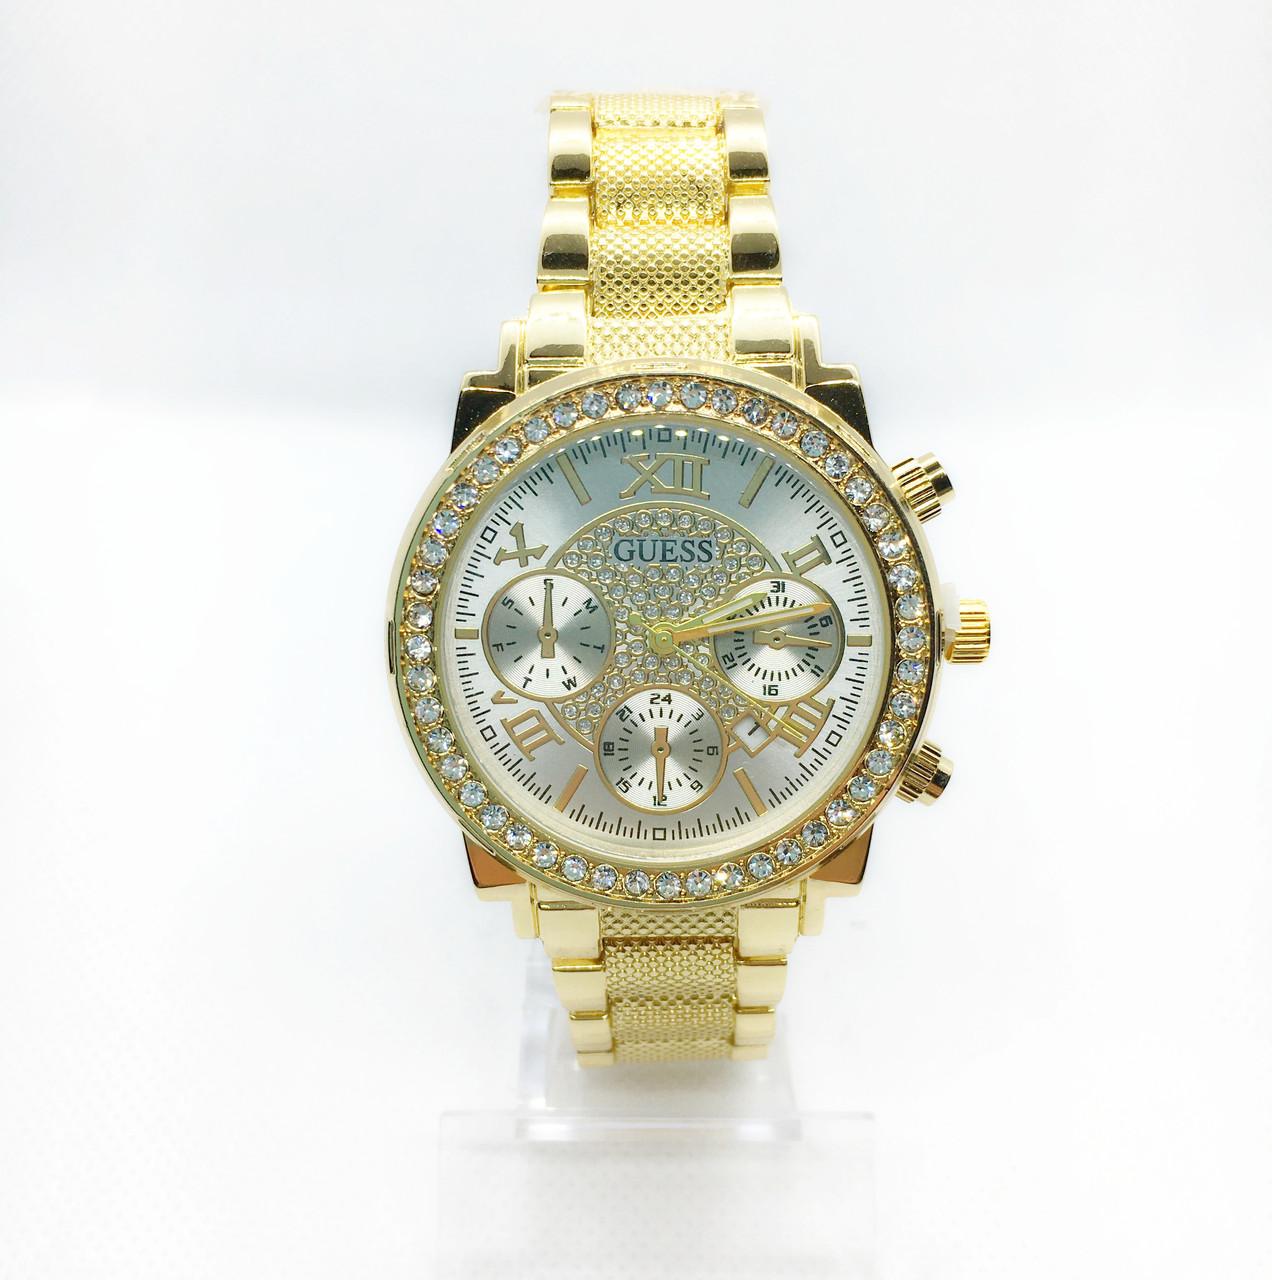 Жіночі наручні годинники Guess (Гесс), золото з білим циферблатом ( код: IBW255YO )